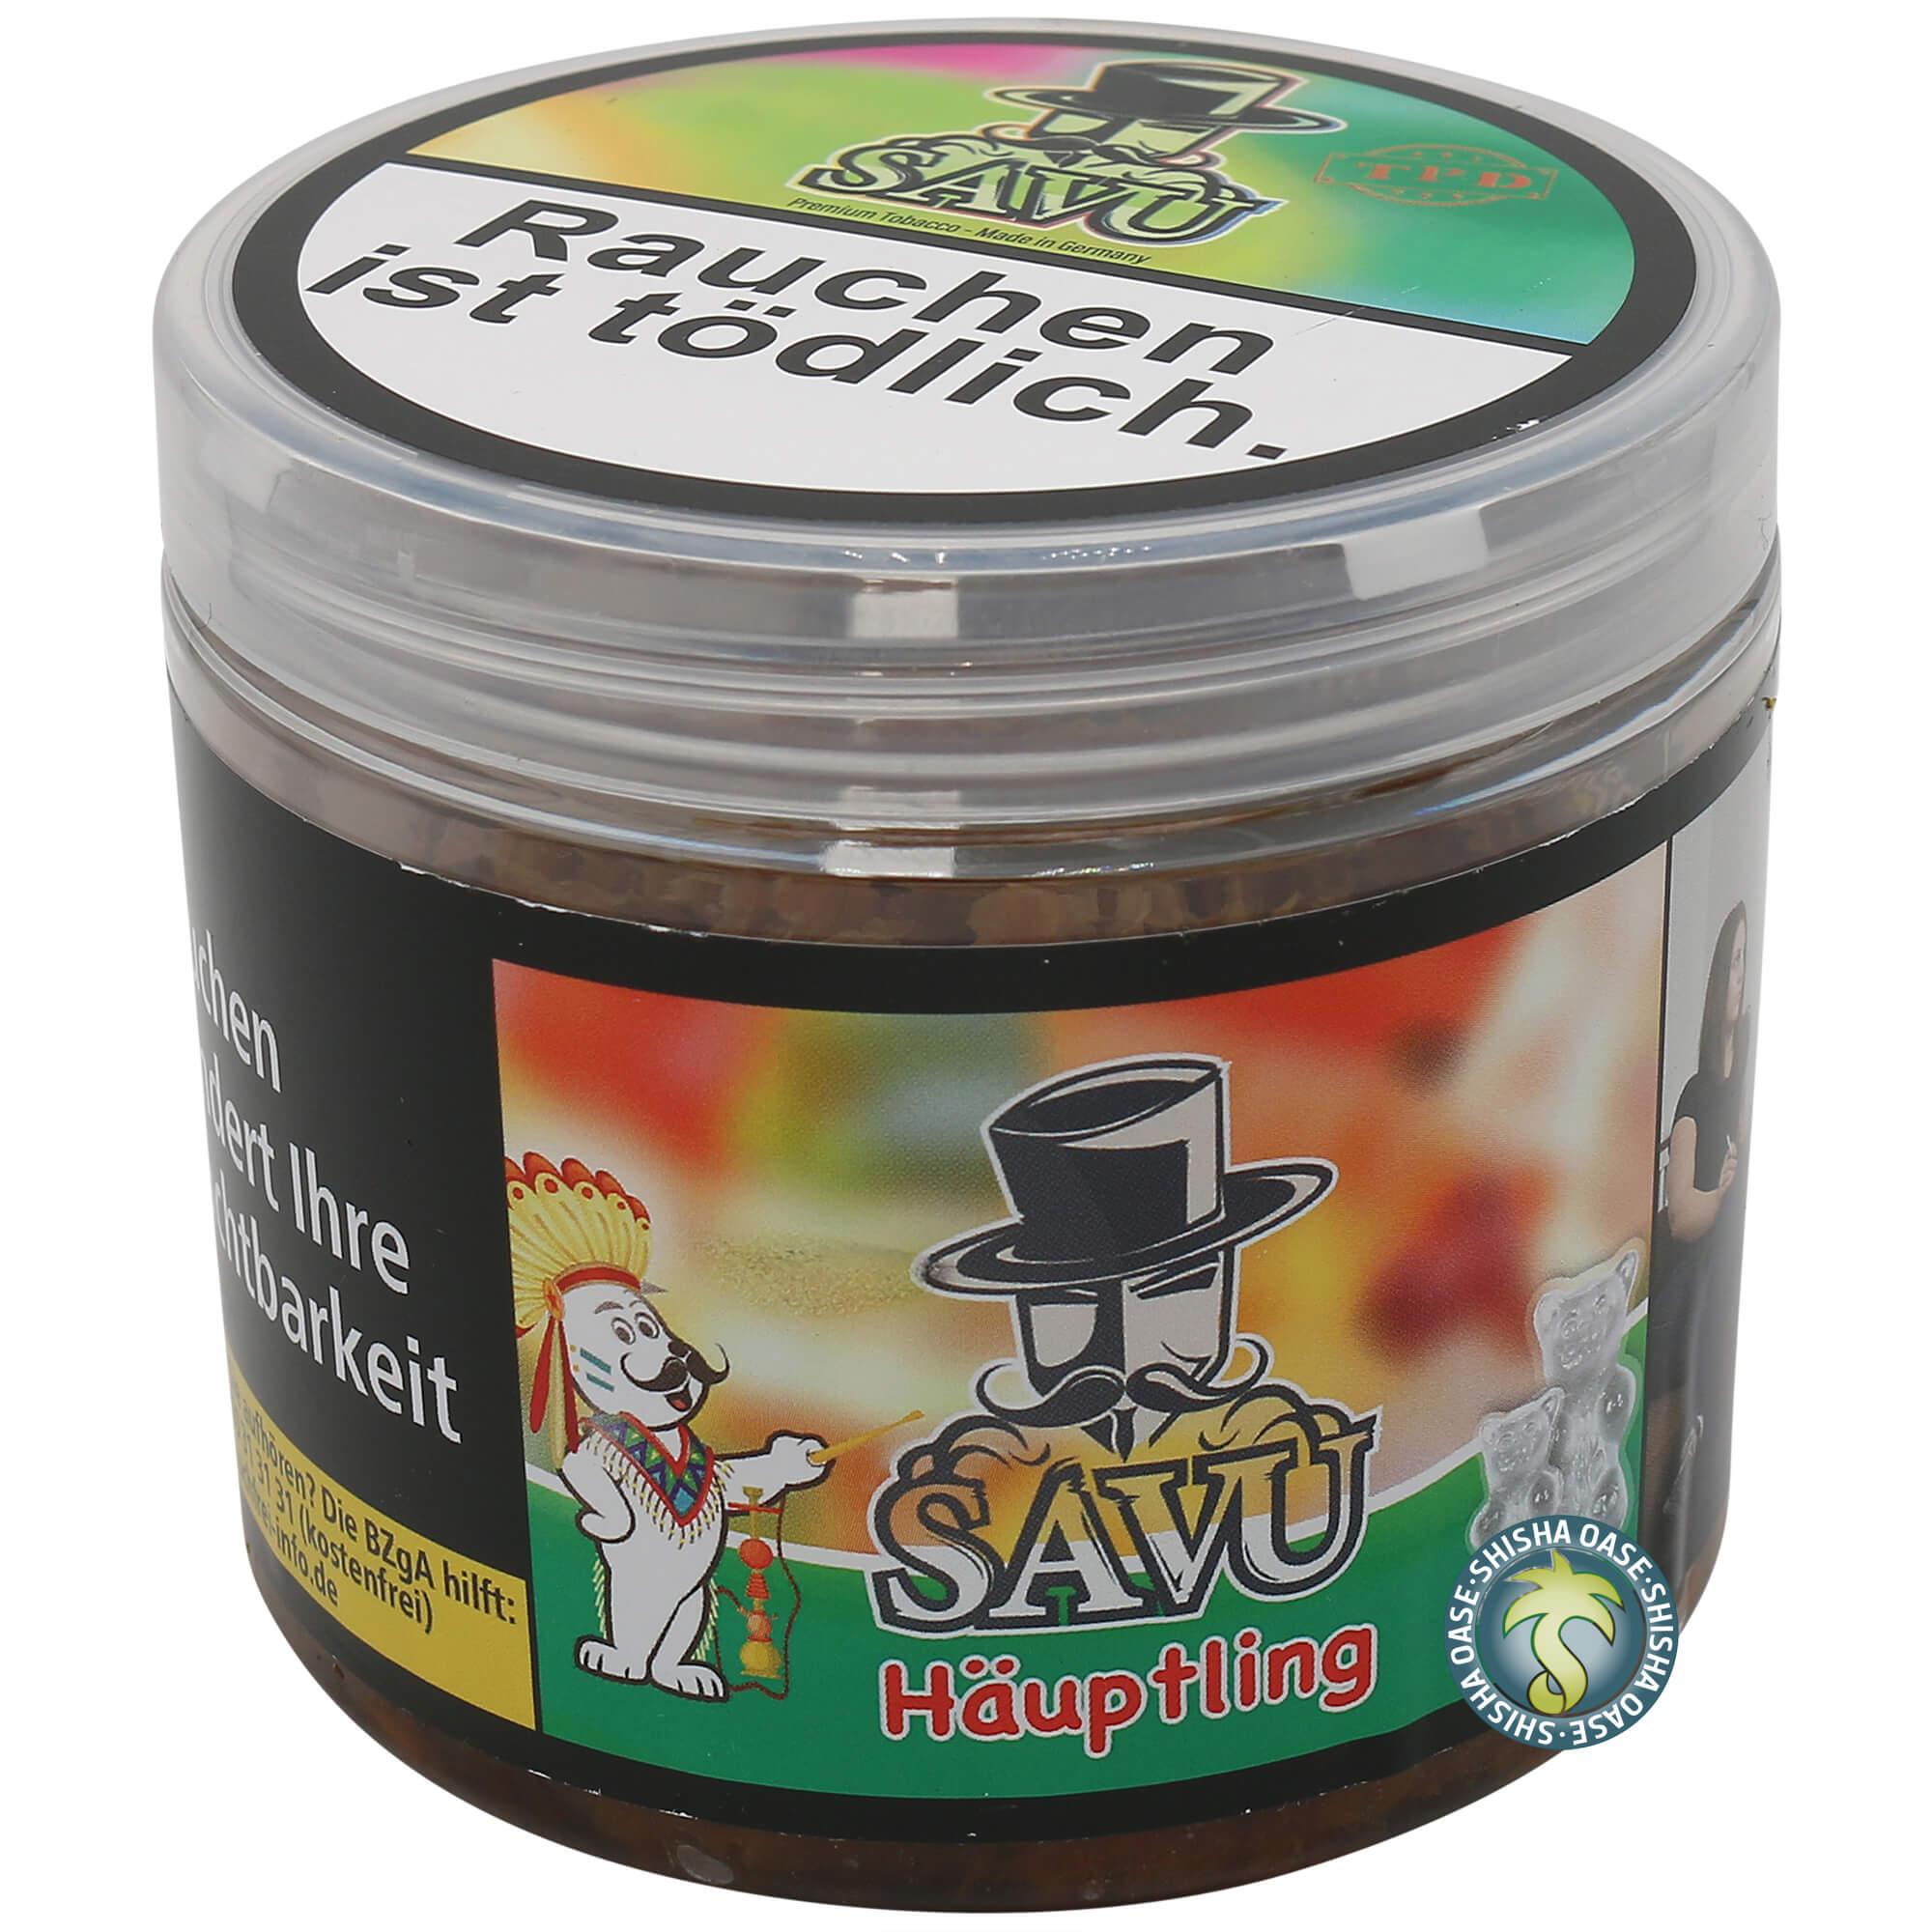 Savu Tobacco Häuptling 200g